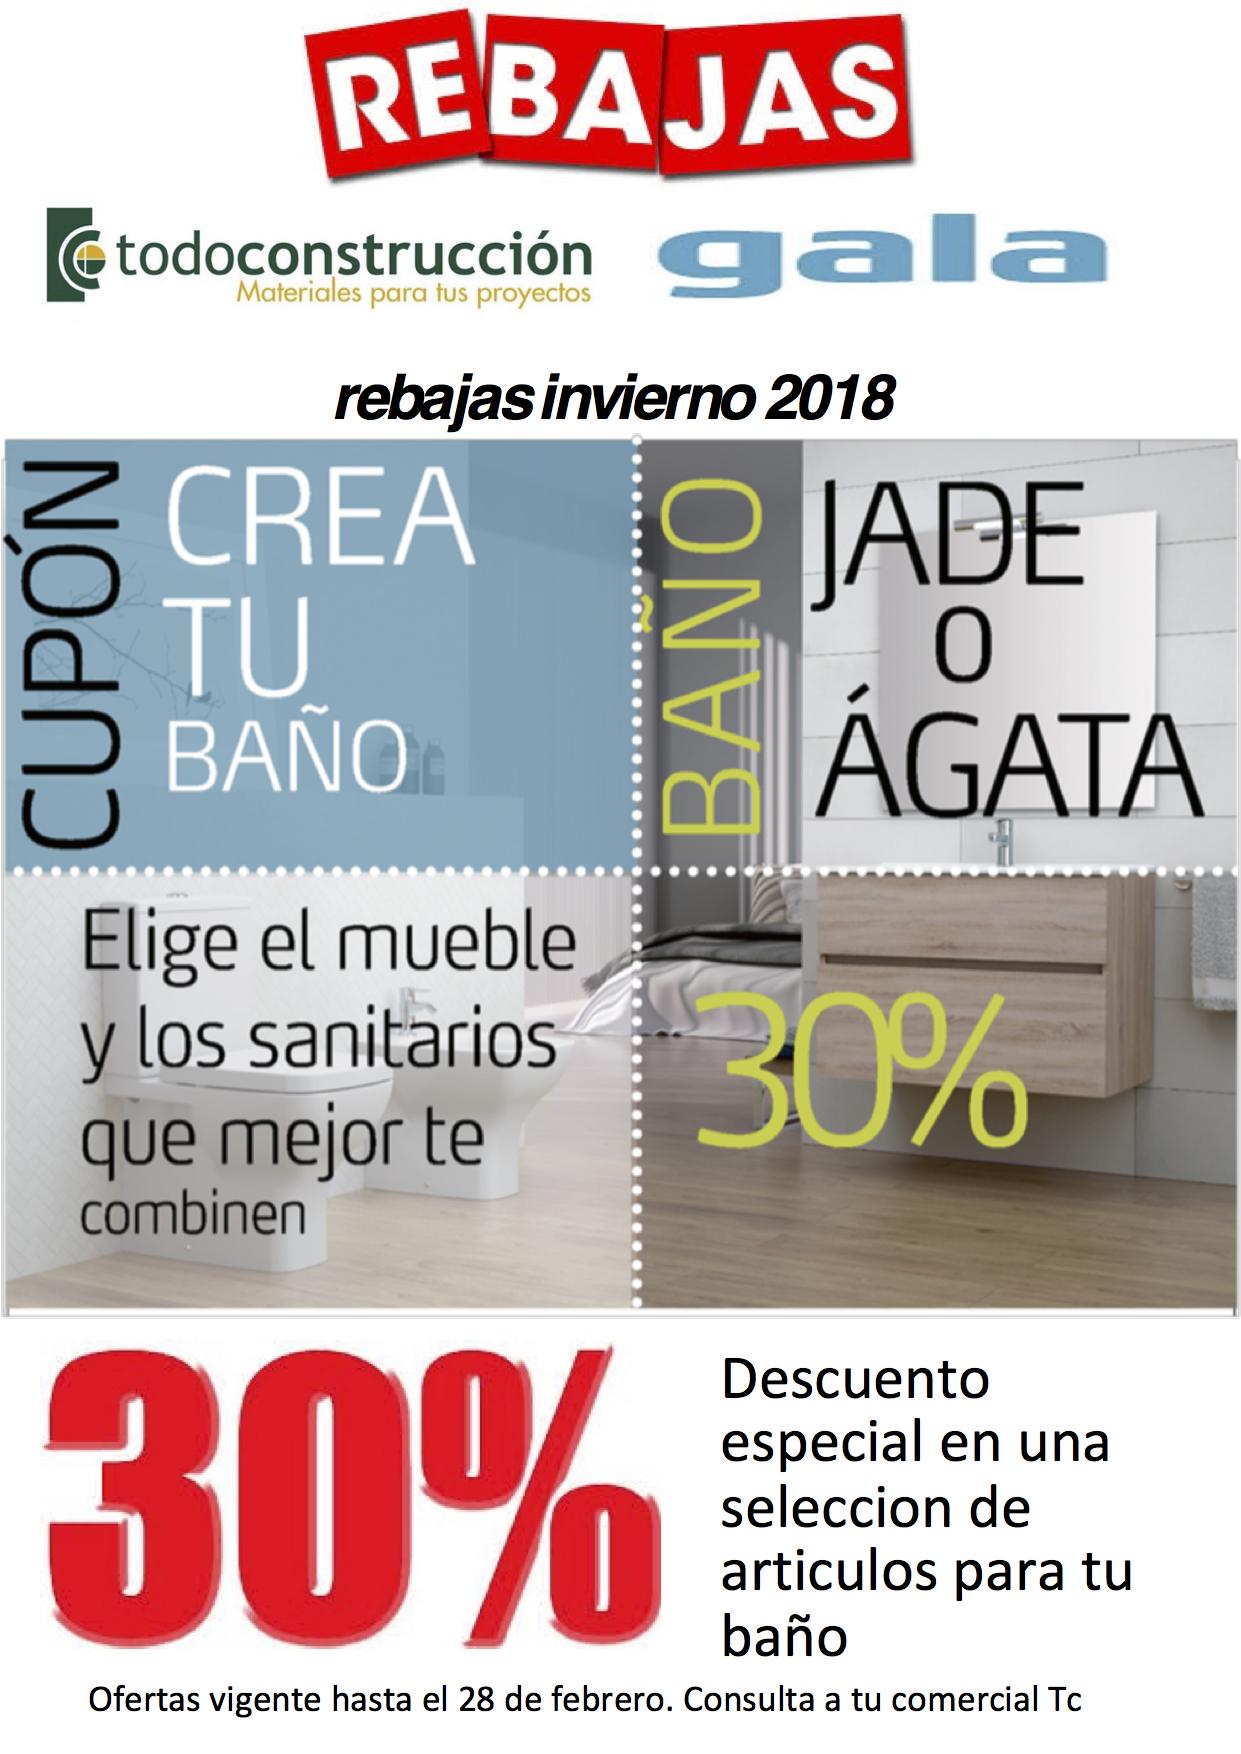 REBAJAS TODOCONSTRUCCION 2018